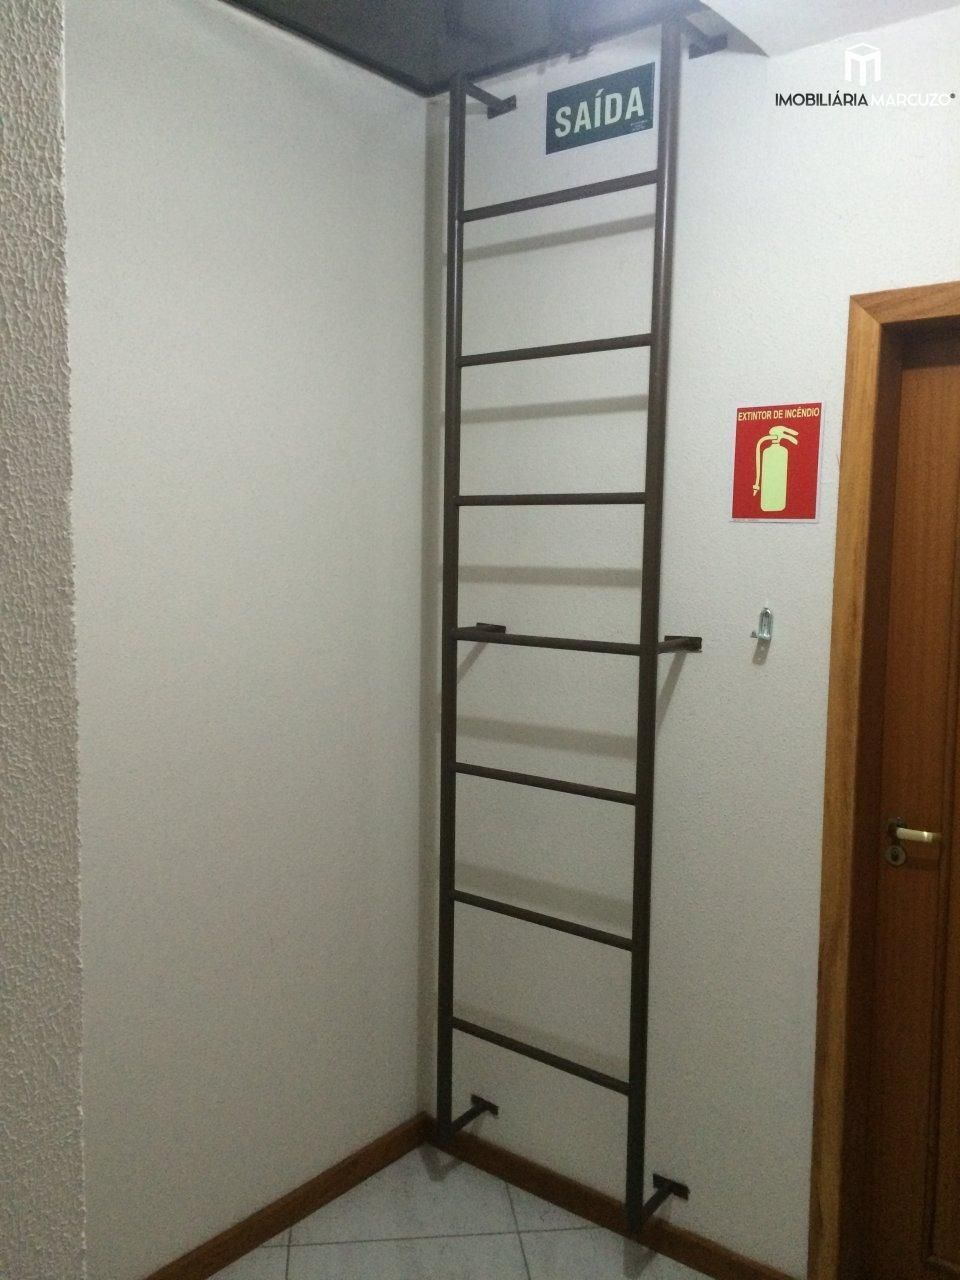 Apartamento com 1 Dormitórios à venda, 41 m² por R$ 168.000,00